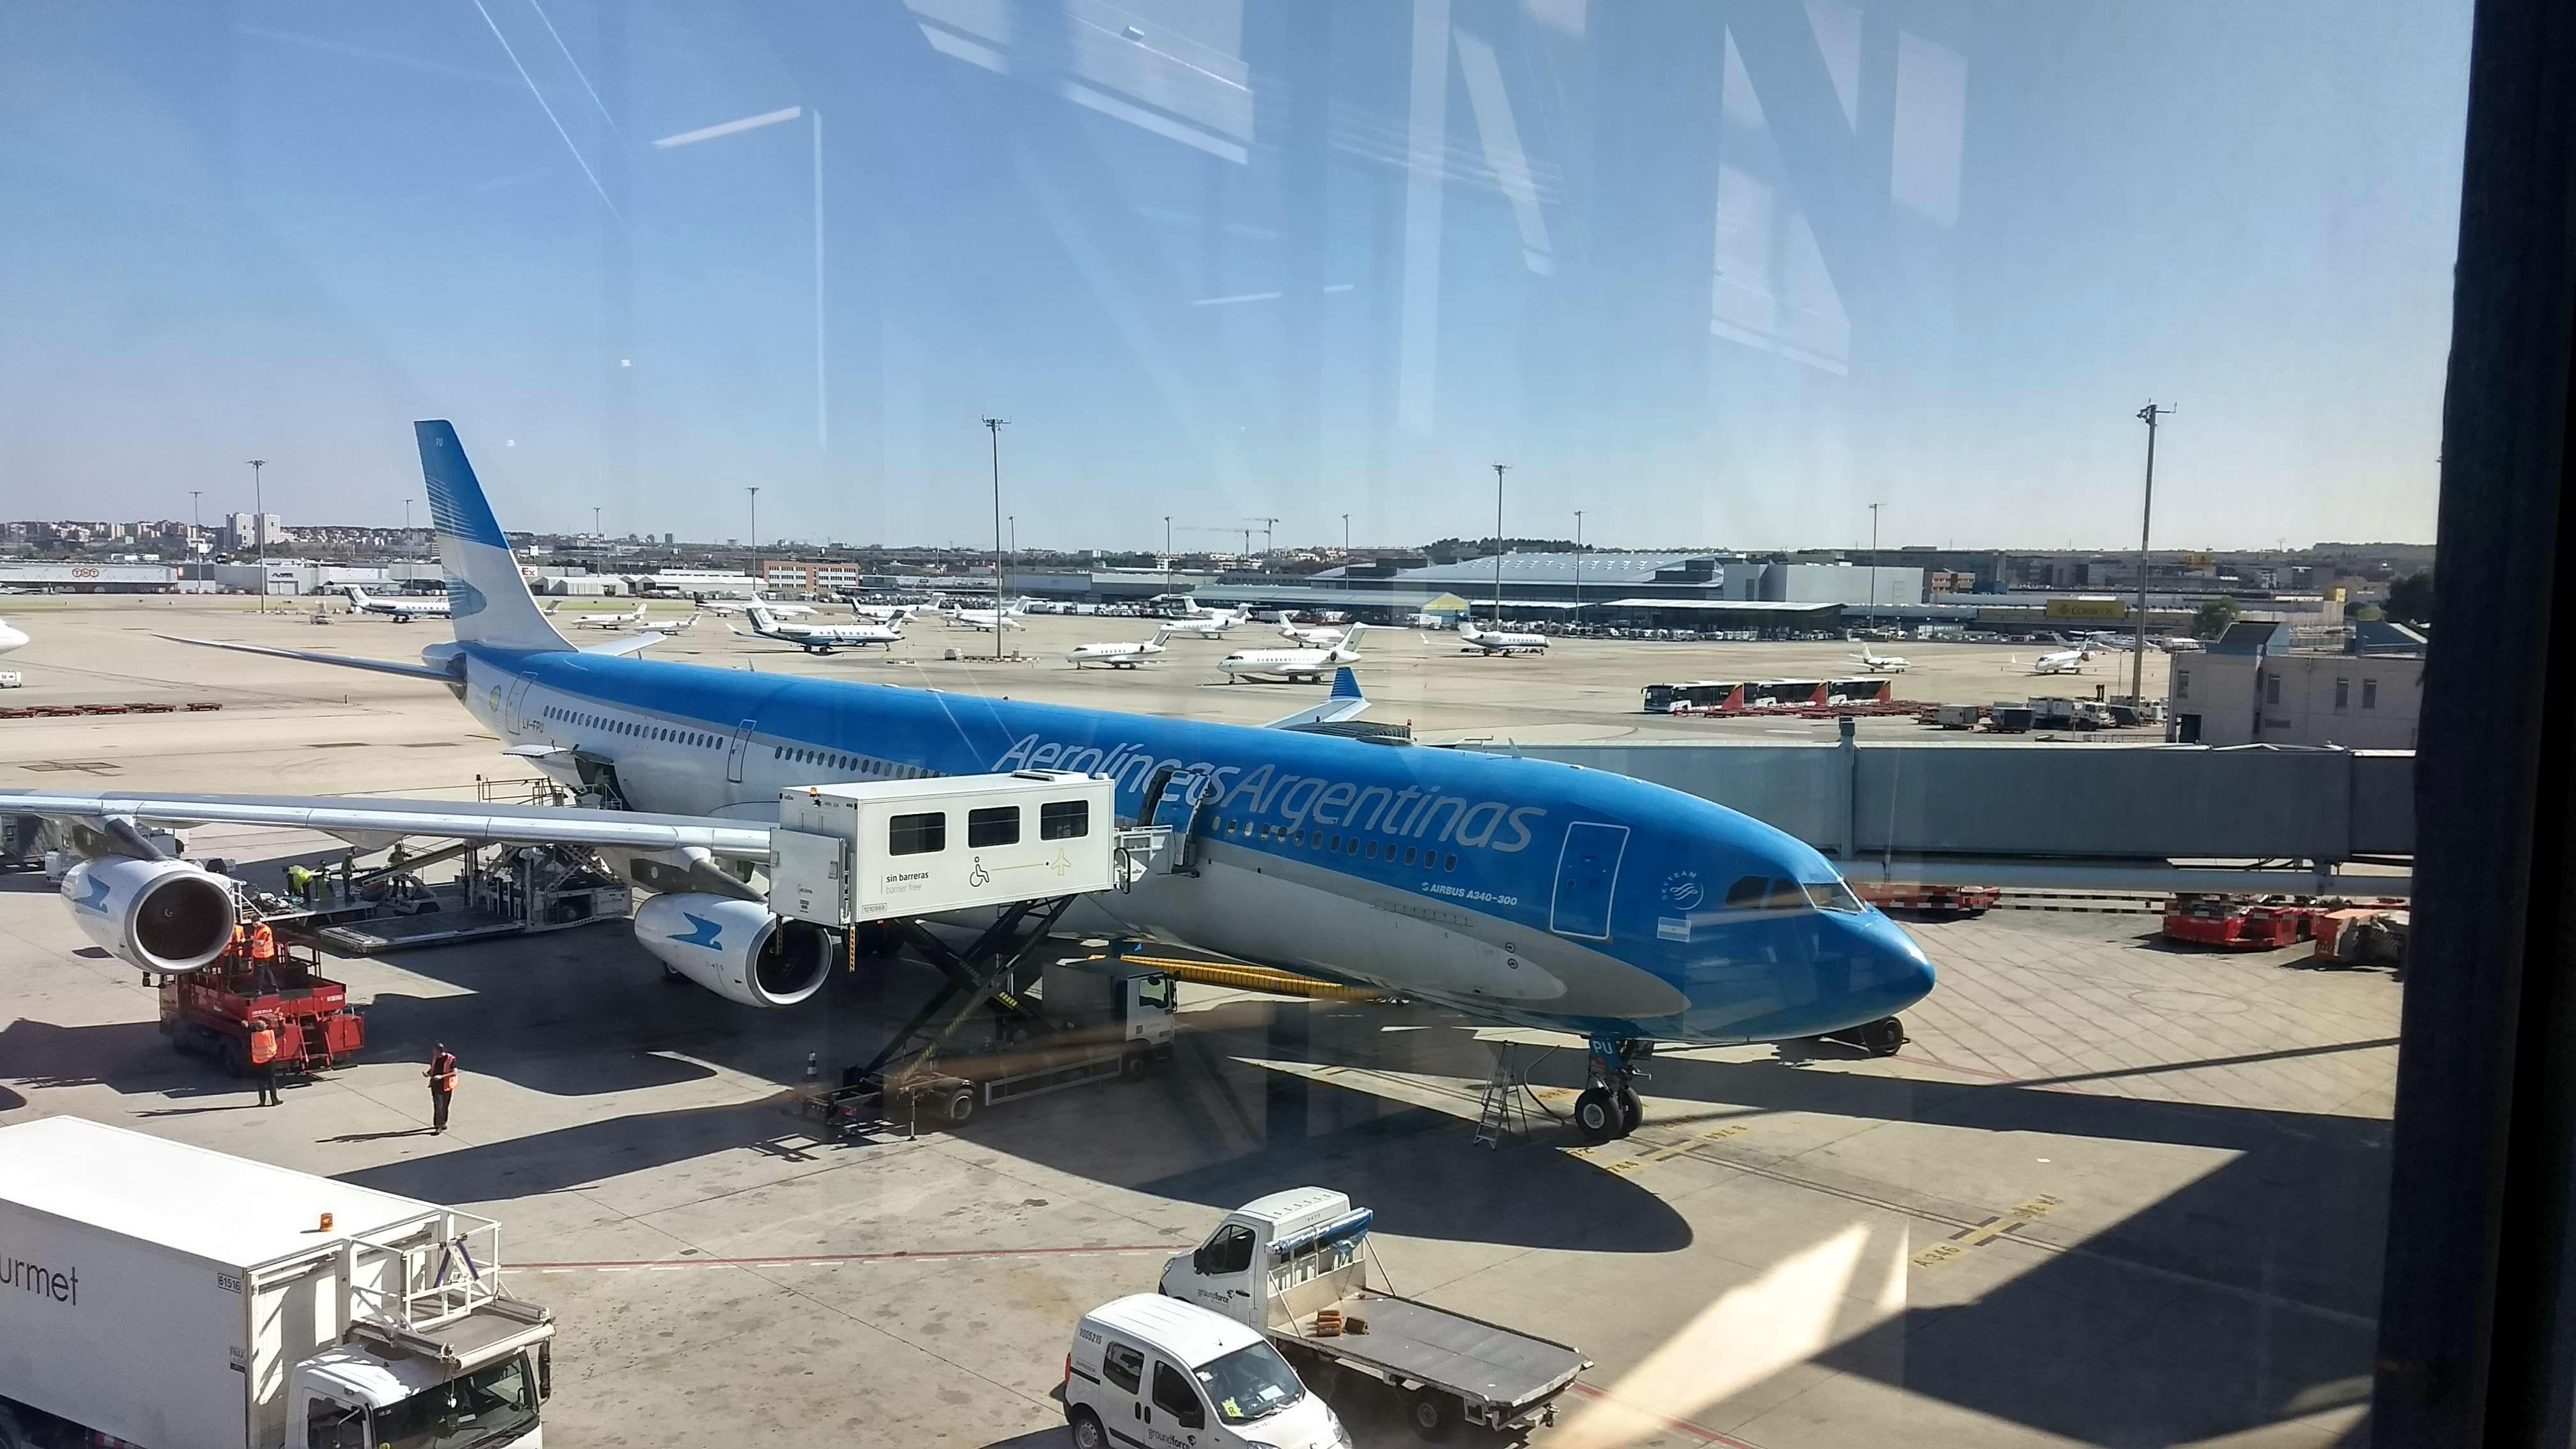 Avión de Aerolíneas Argentinas en el aeropuerto de Madrid Barajas